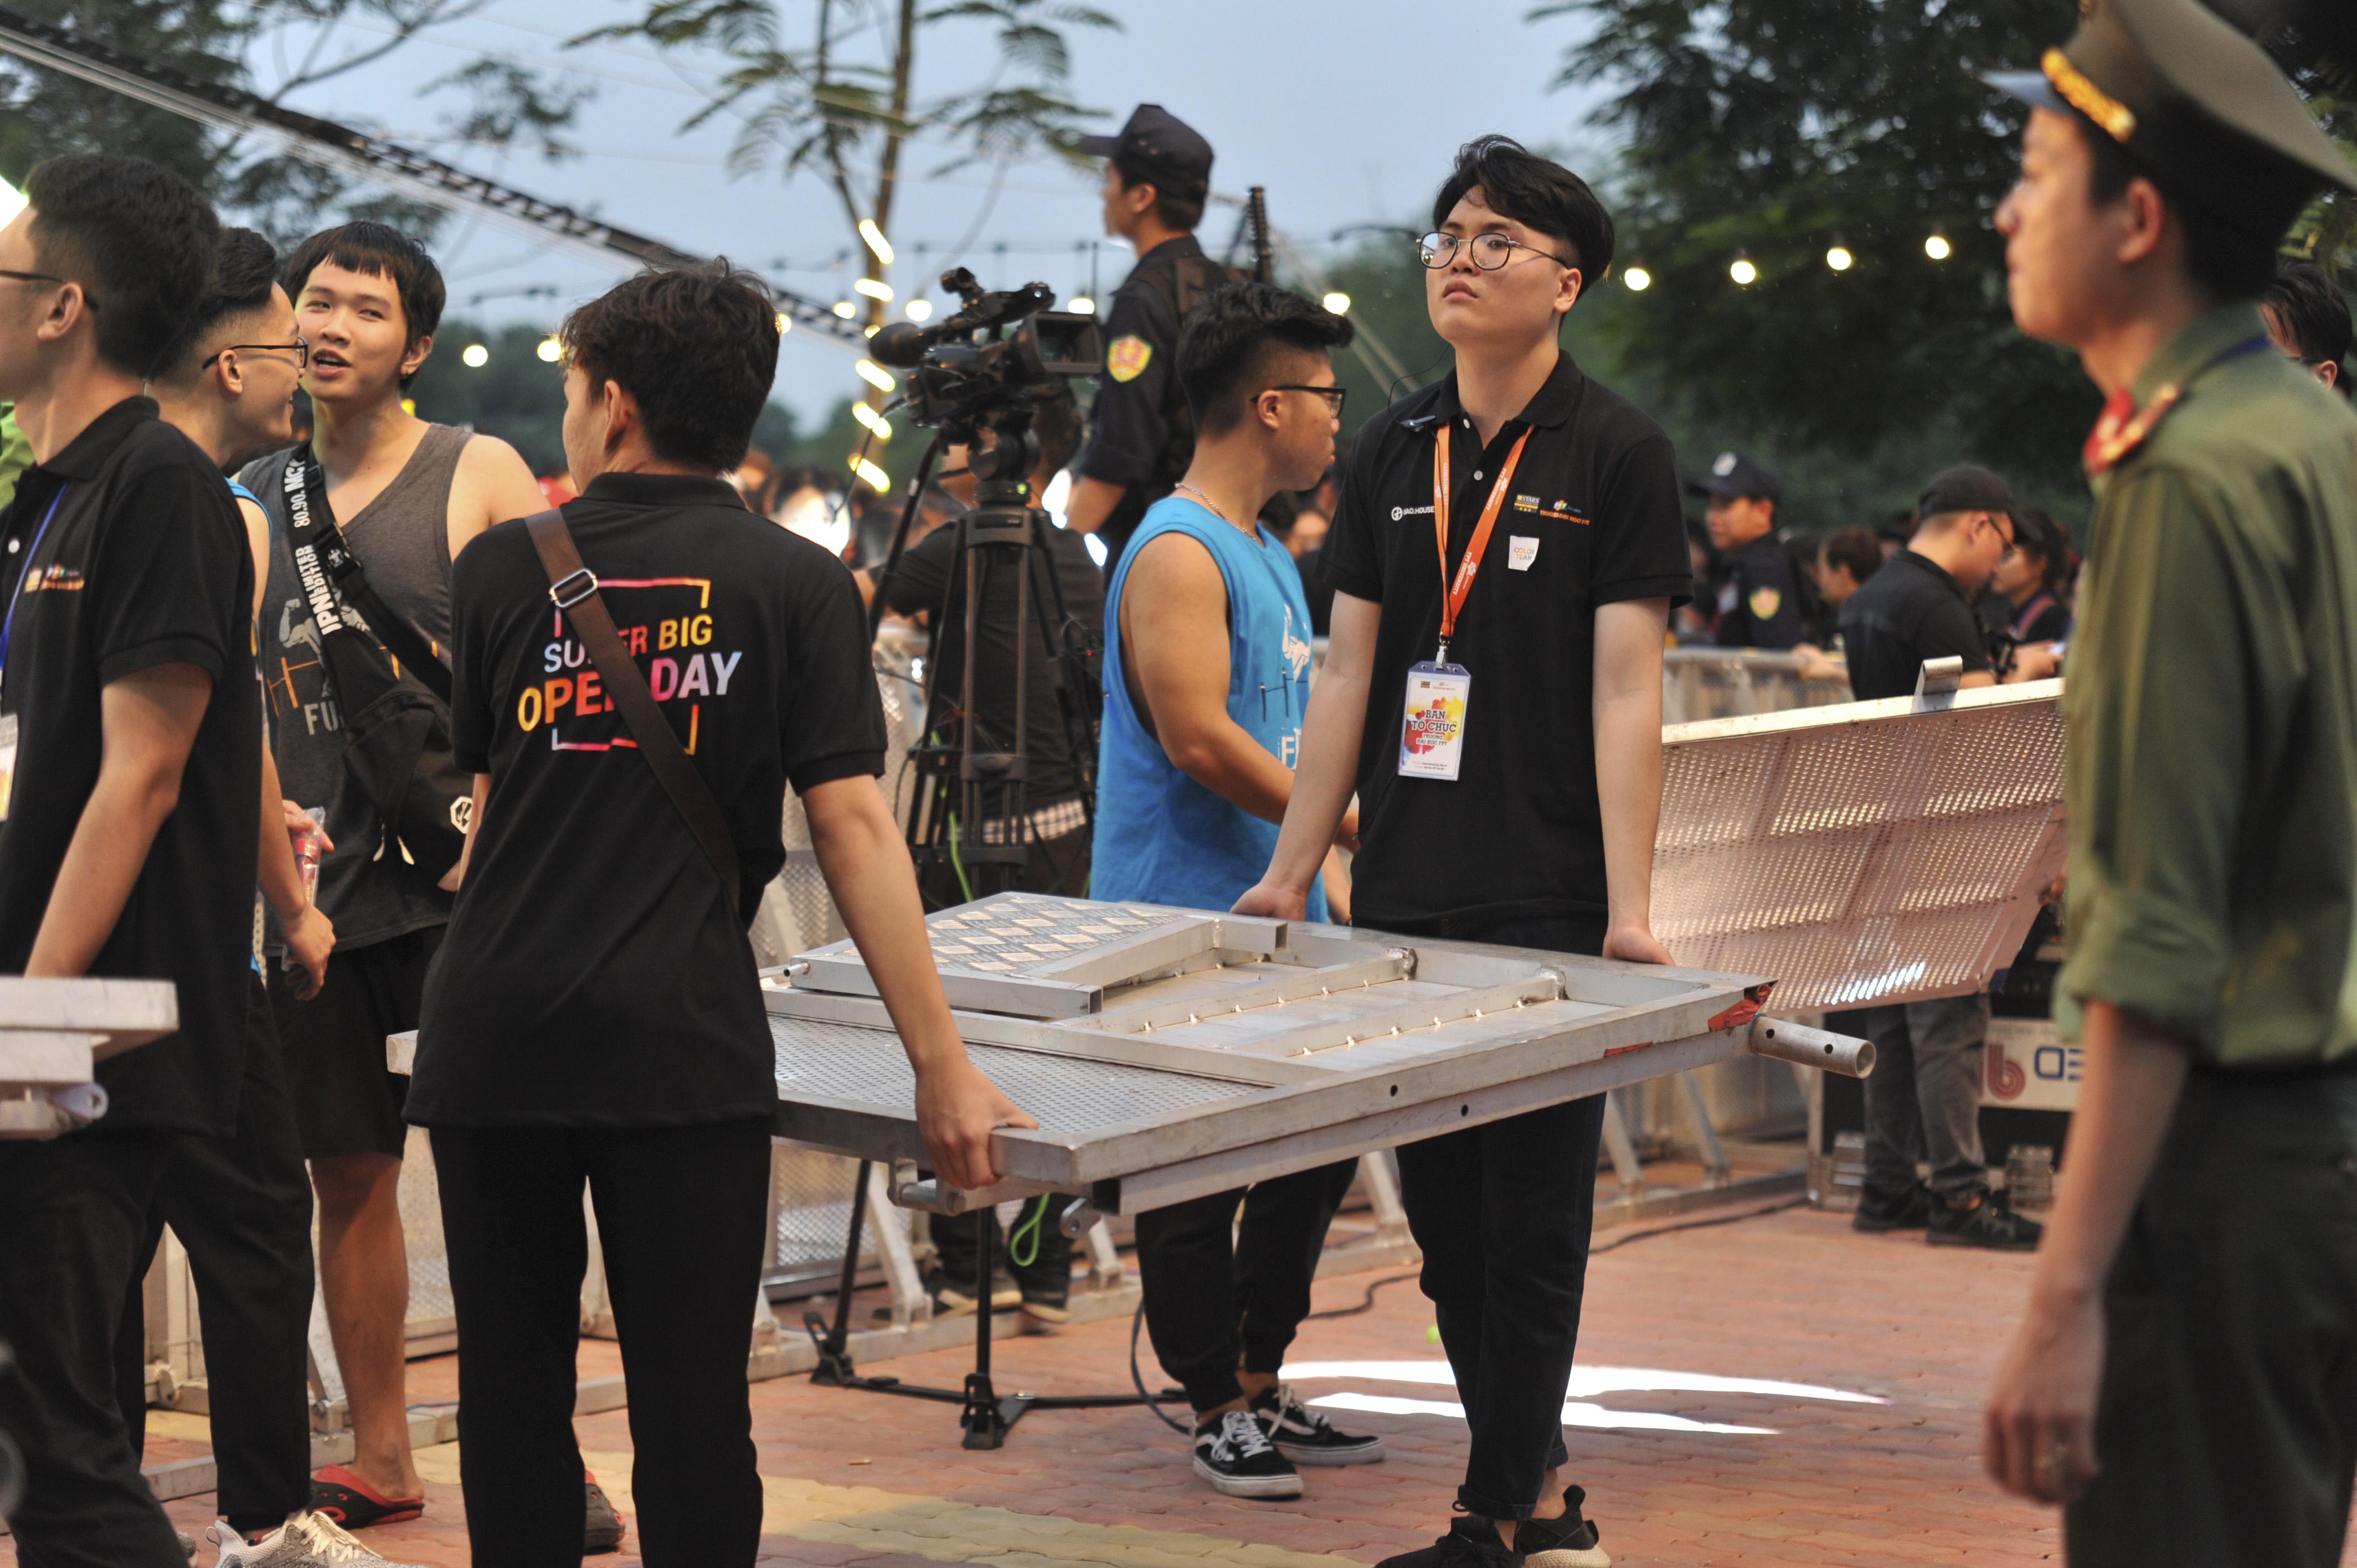 Trong quá trình trước khi đêm nhạc bắt đầu, BTC đã phải lắp thêm 1 hàng rào chắn đối với khu vực khán giả, do sức nóng của các khách mời là quá lớn.